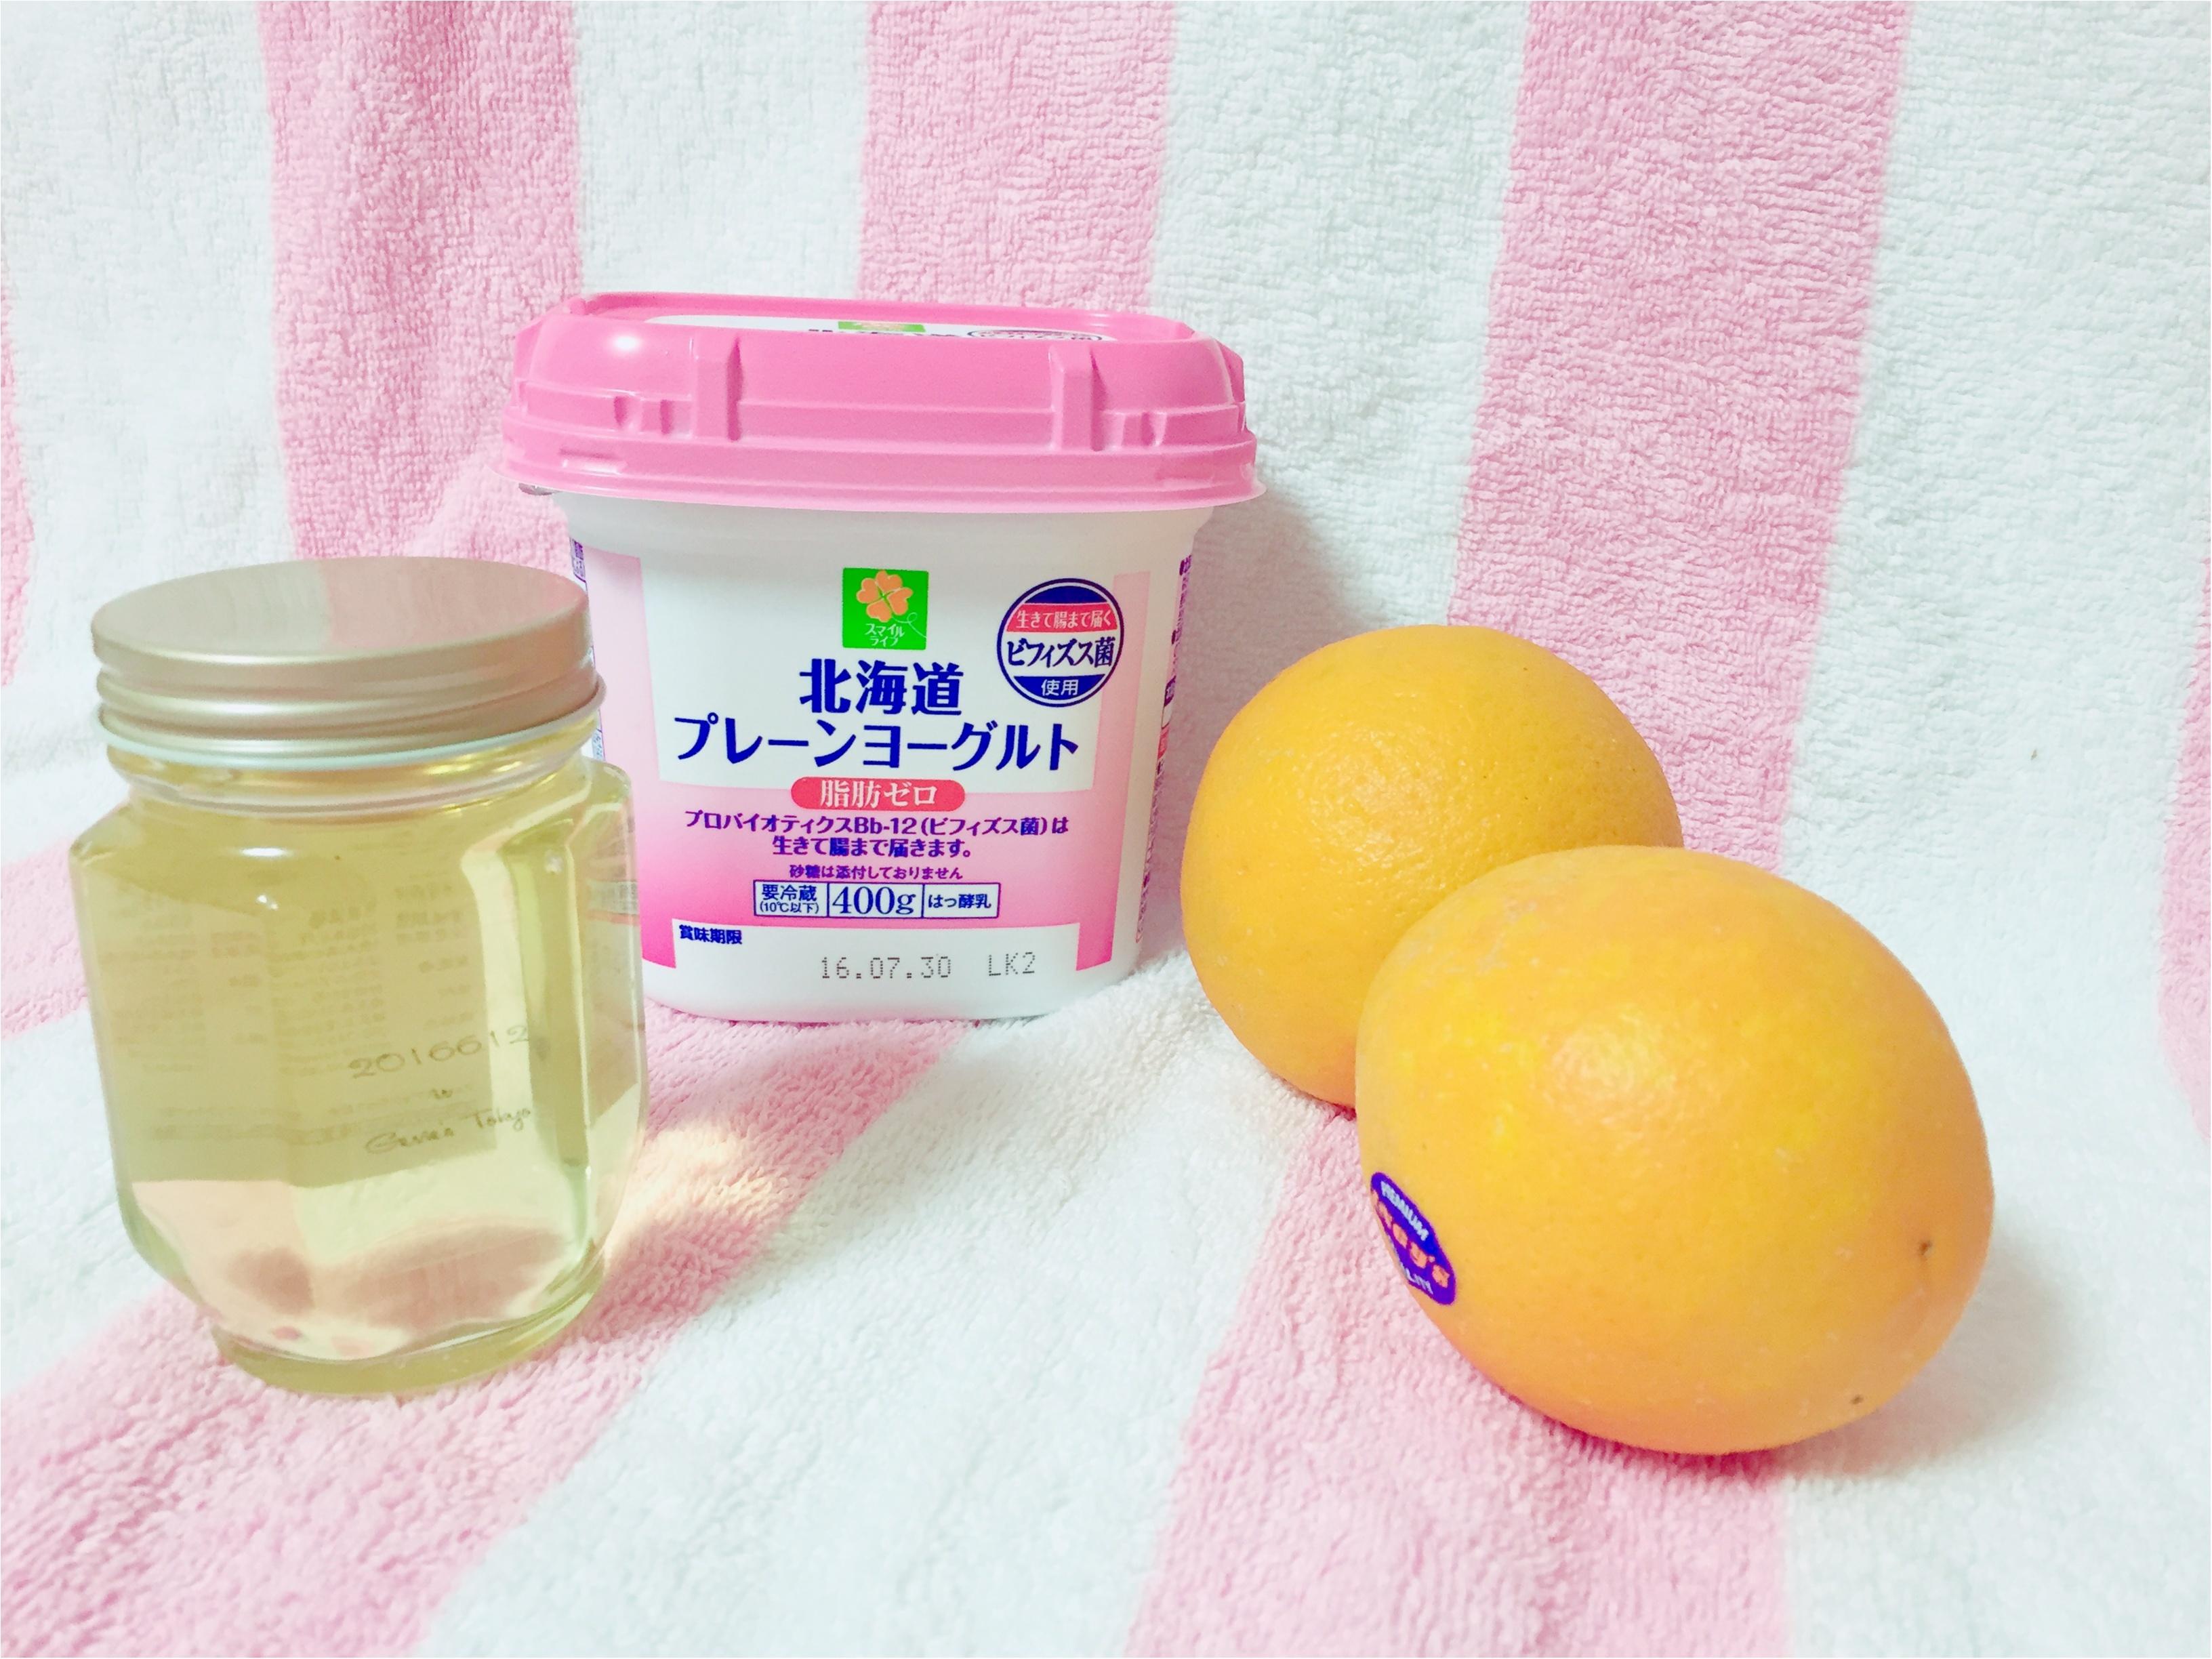 【FOOD】\愛ちあん Cafe♥ / 夏バテも、おしゃれに対策!オレンジハニーヨーグルトスムージー☆_2